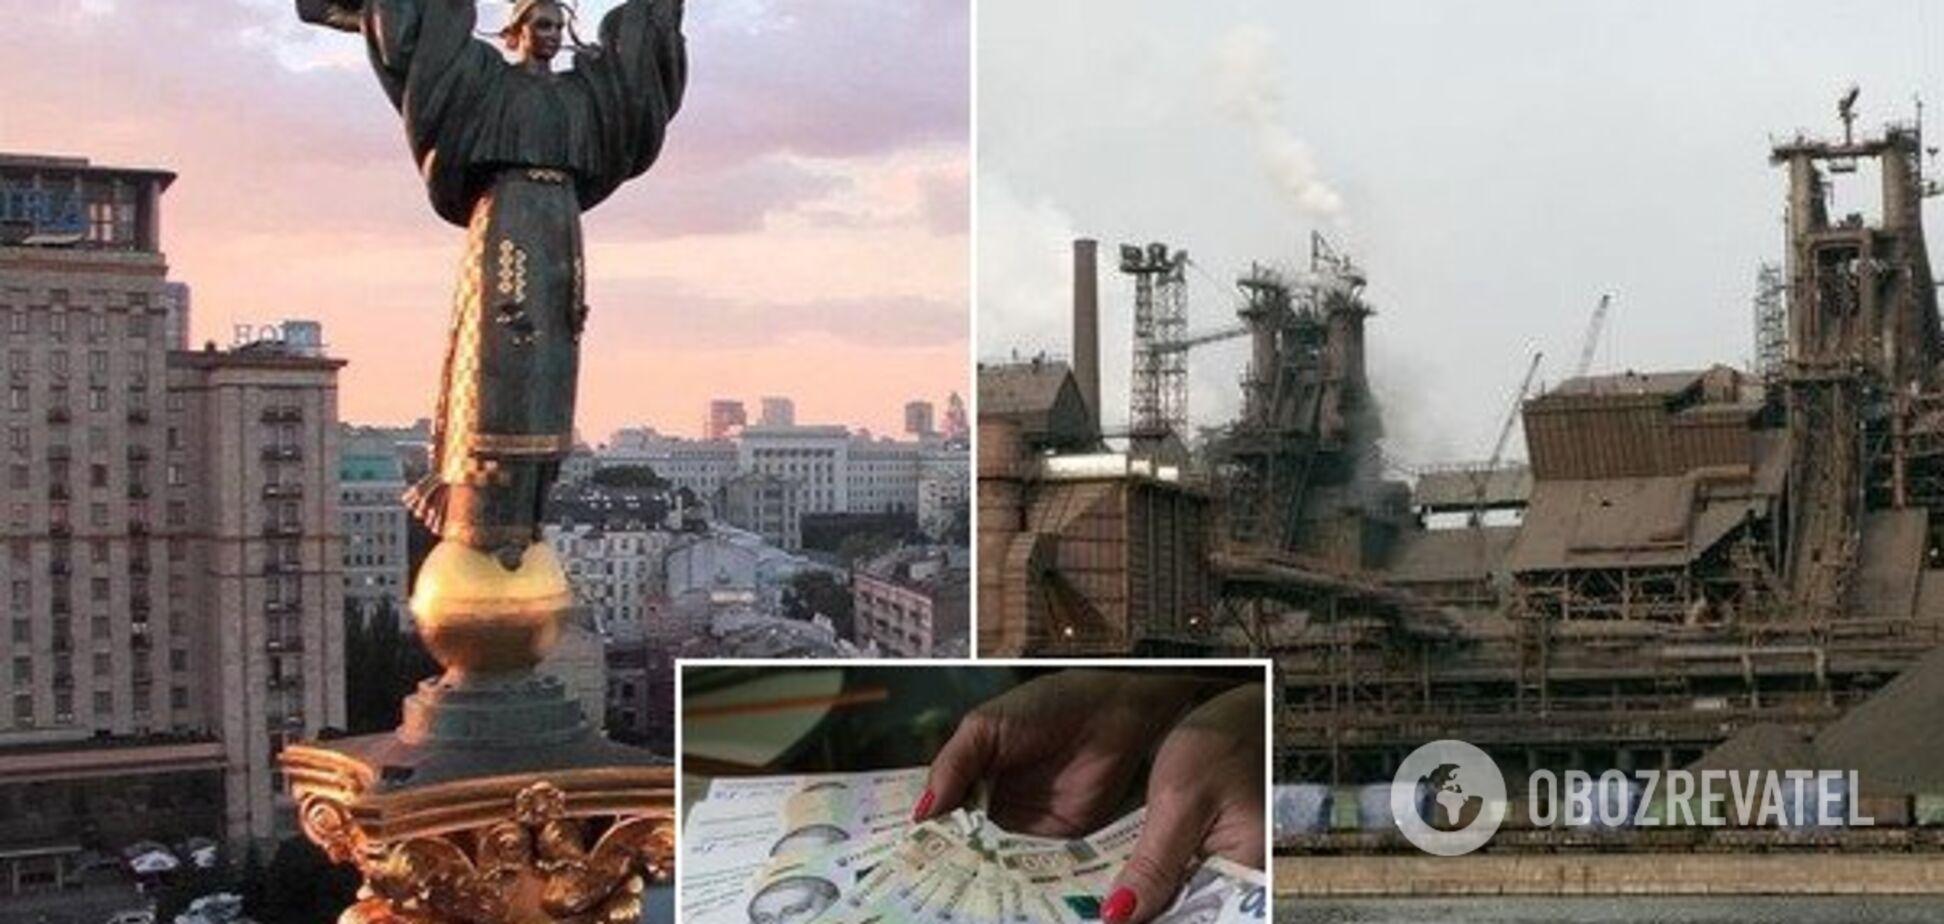 Київ у прольоті: названо місто з найбільшими зарплатами в Україні